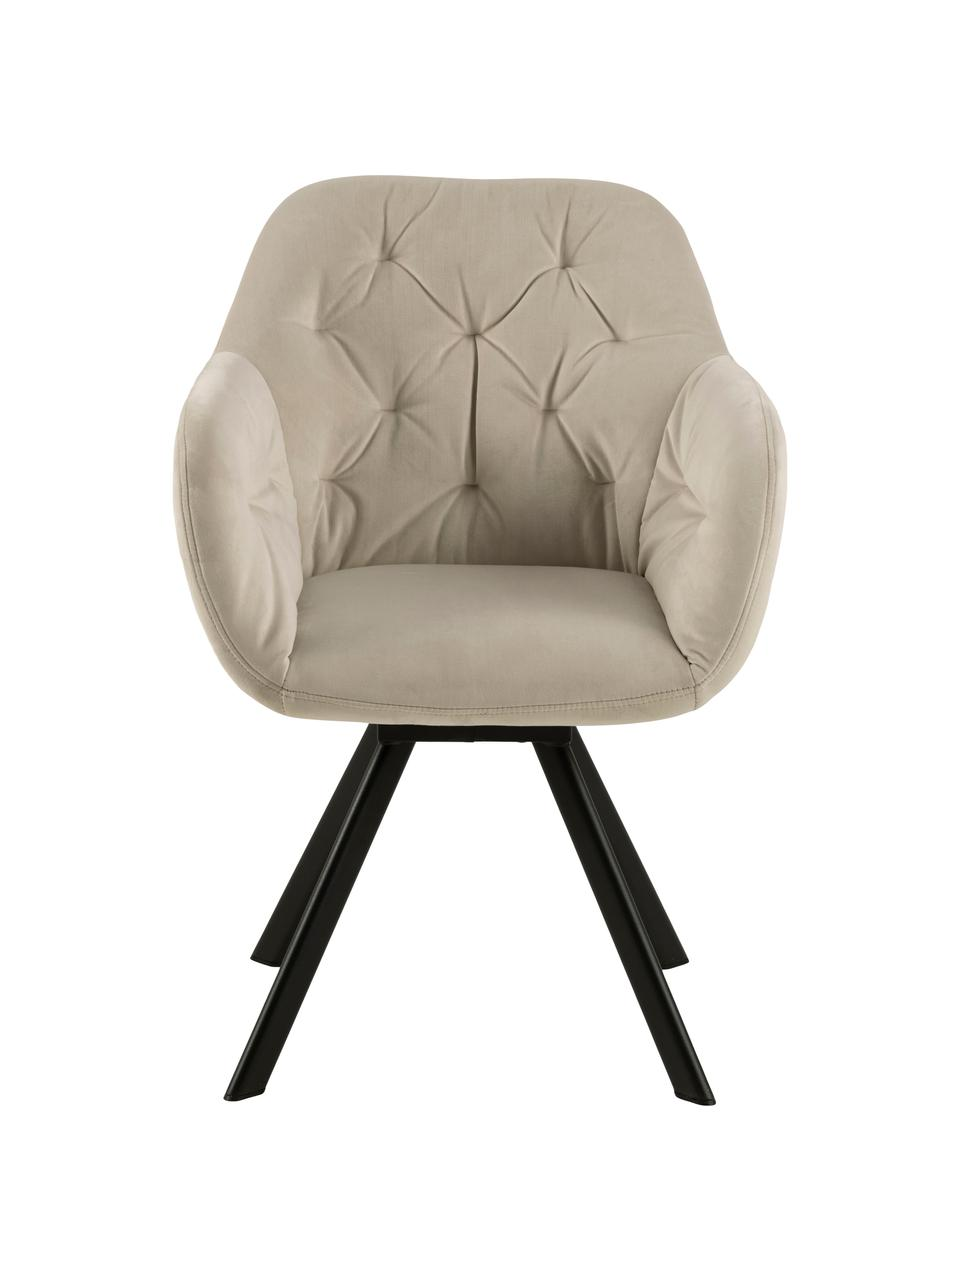 Drehbarer Samt-Armlehnstuhl Lucie, Bezug: Polyestersamt Der hochwer, Beine: Metall, lackiert, Beige, B 58 x T 62 cm